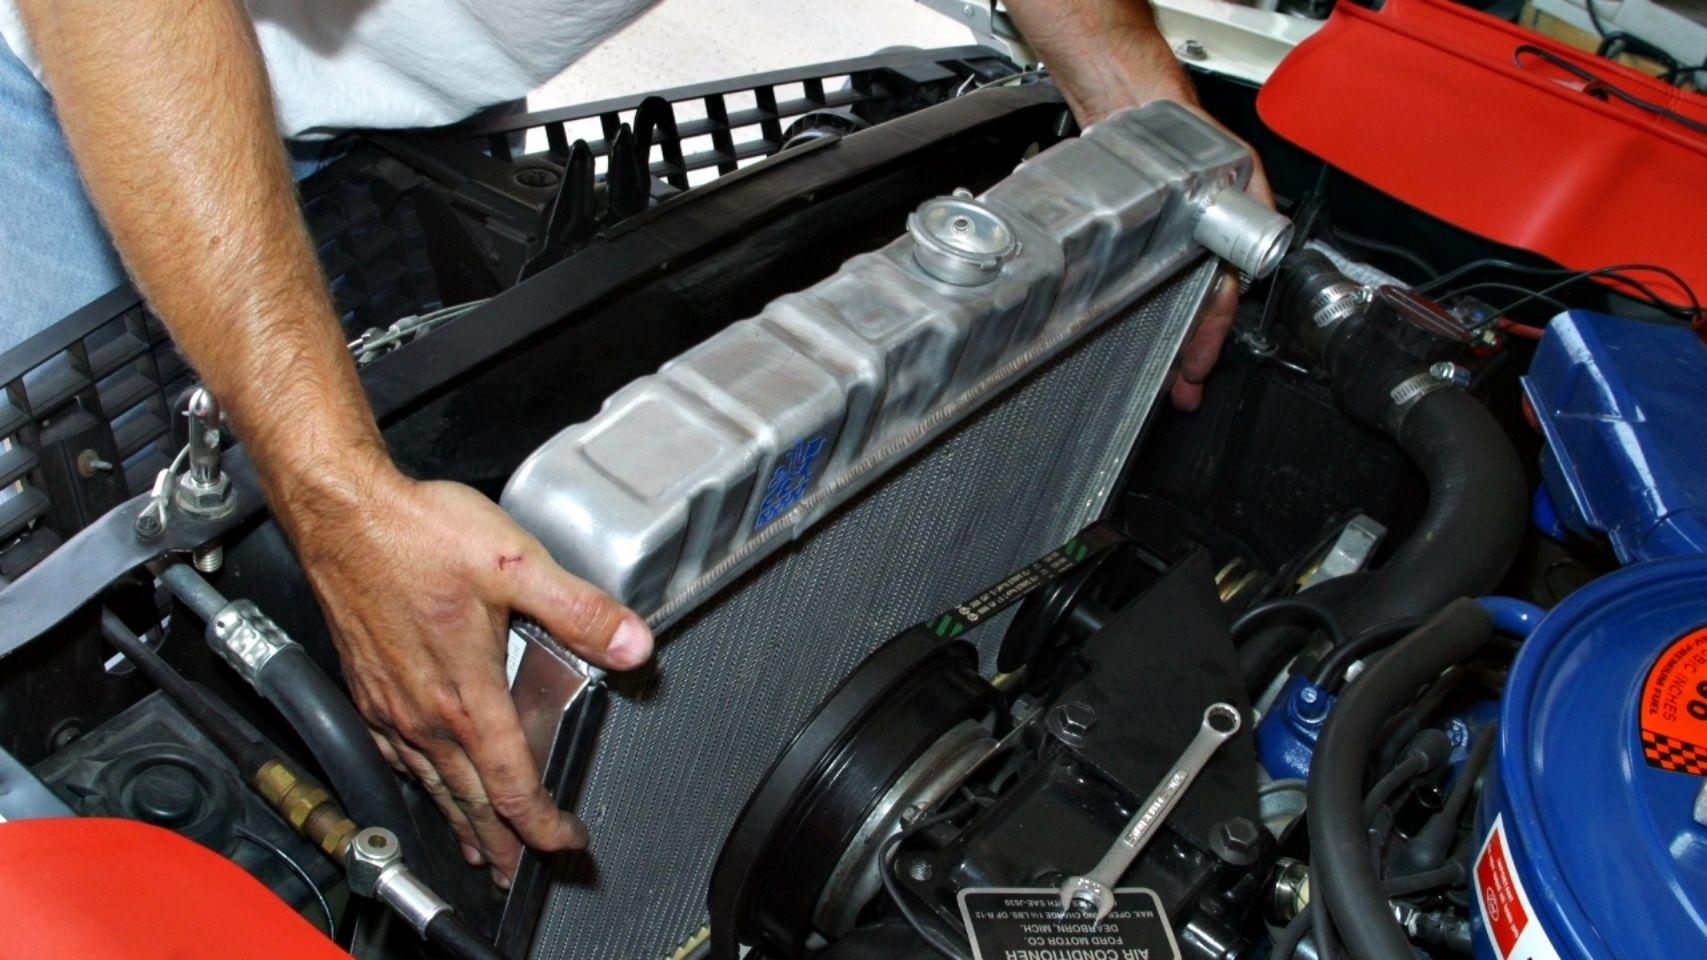 El sistema de frenos es uno de los más importantes del vehículo, por ello, todos sus componentes deben estar óptimos para garantizar tu seguridad.